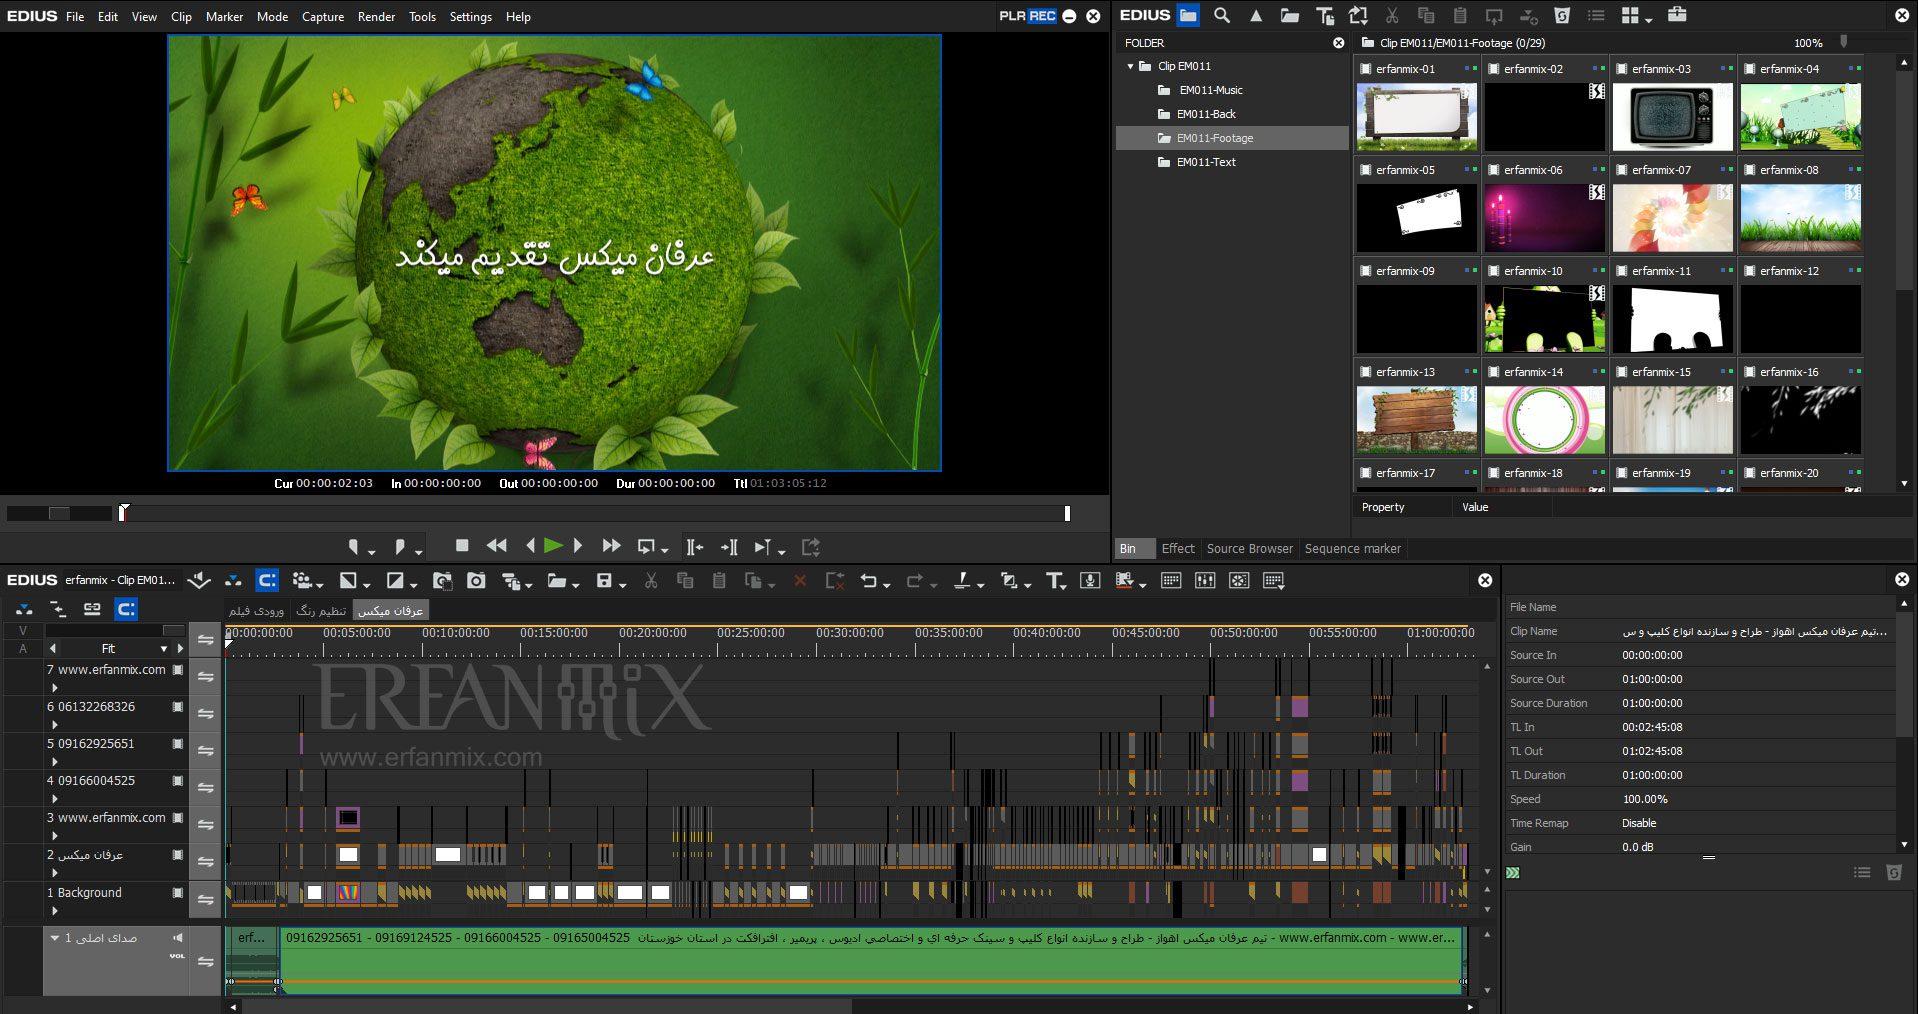 پروژه ادیوس طول فیلم 60 دقیقه کودکانه